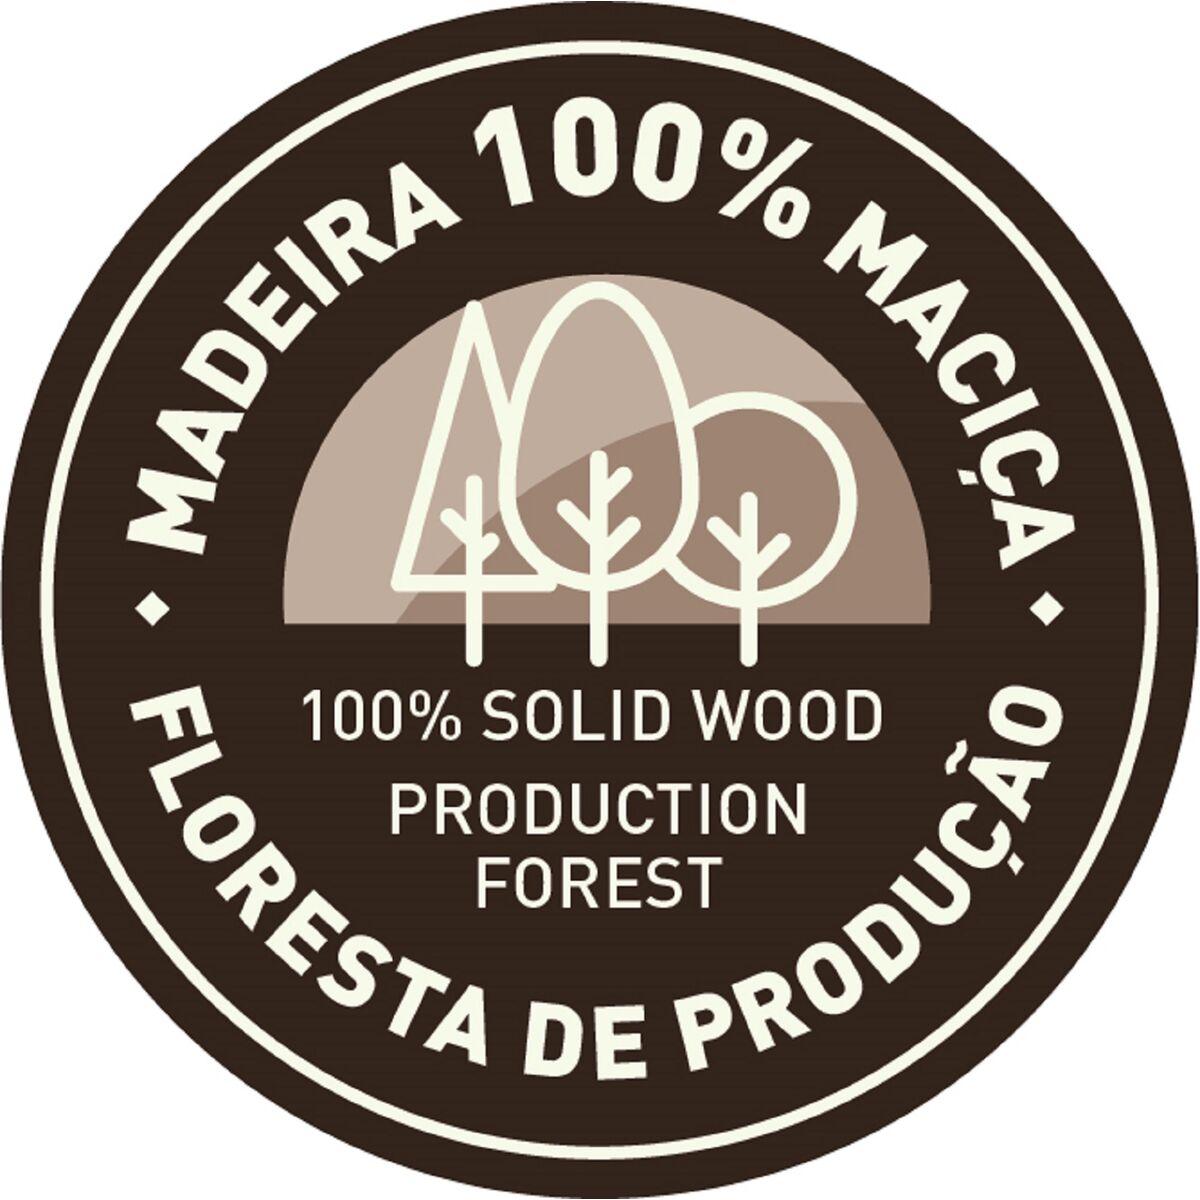 Mesa de Madeira Tramontina Dobrável em Madeira Pinus com Acabamento Branco 200 x 80 cm